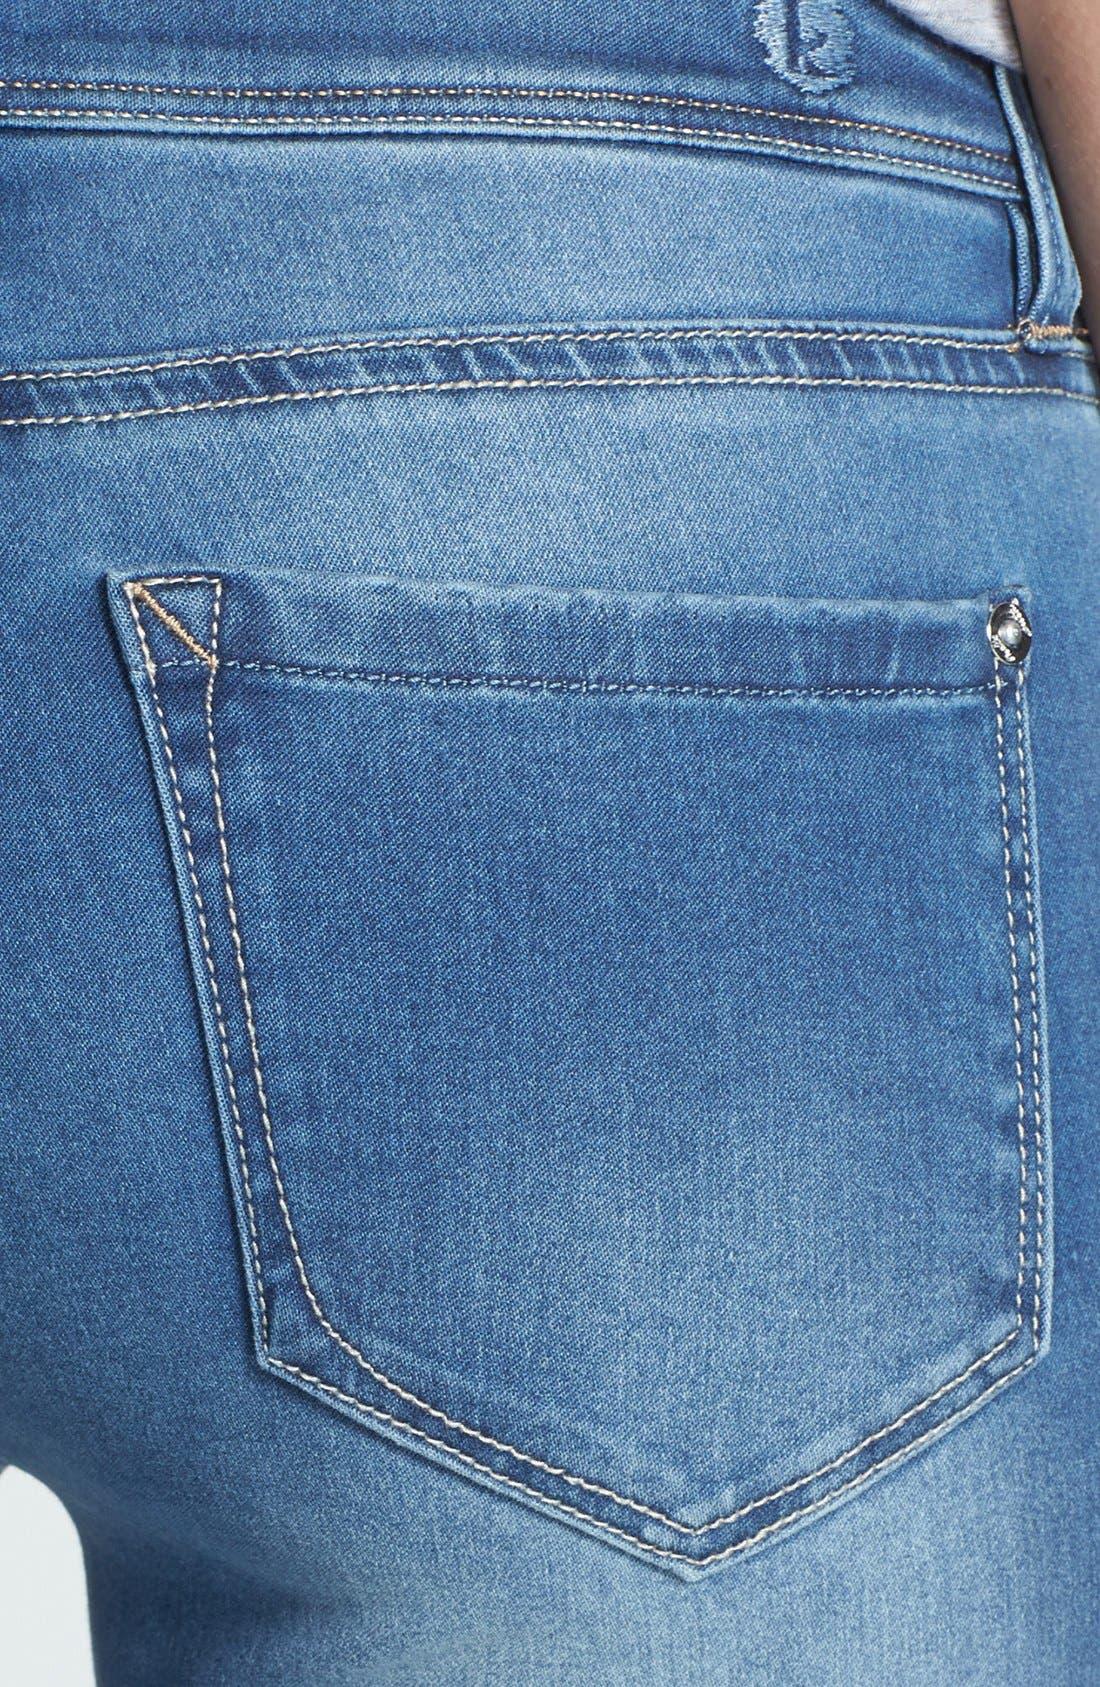 Alternate Image 3  - kensie Skinny Bootcut Jeans (Layla)